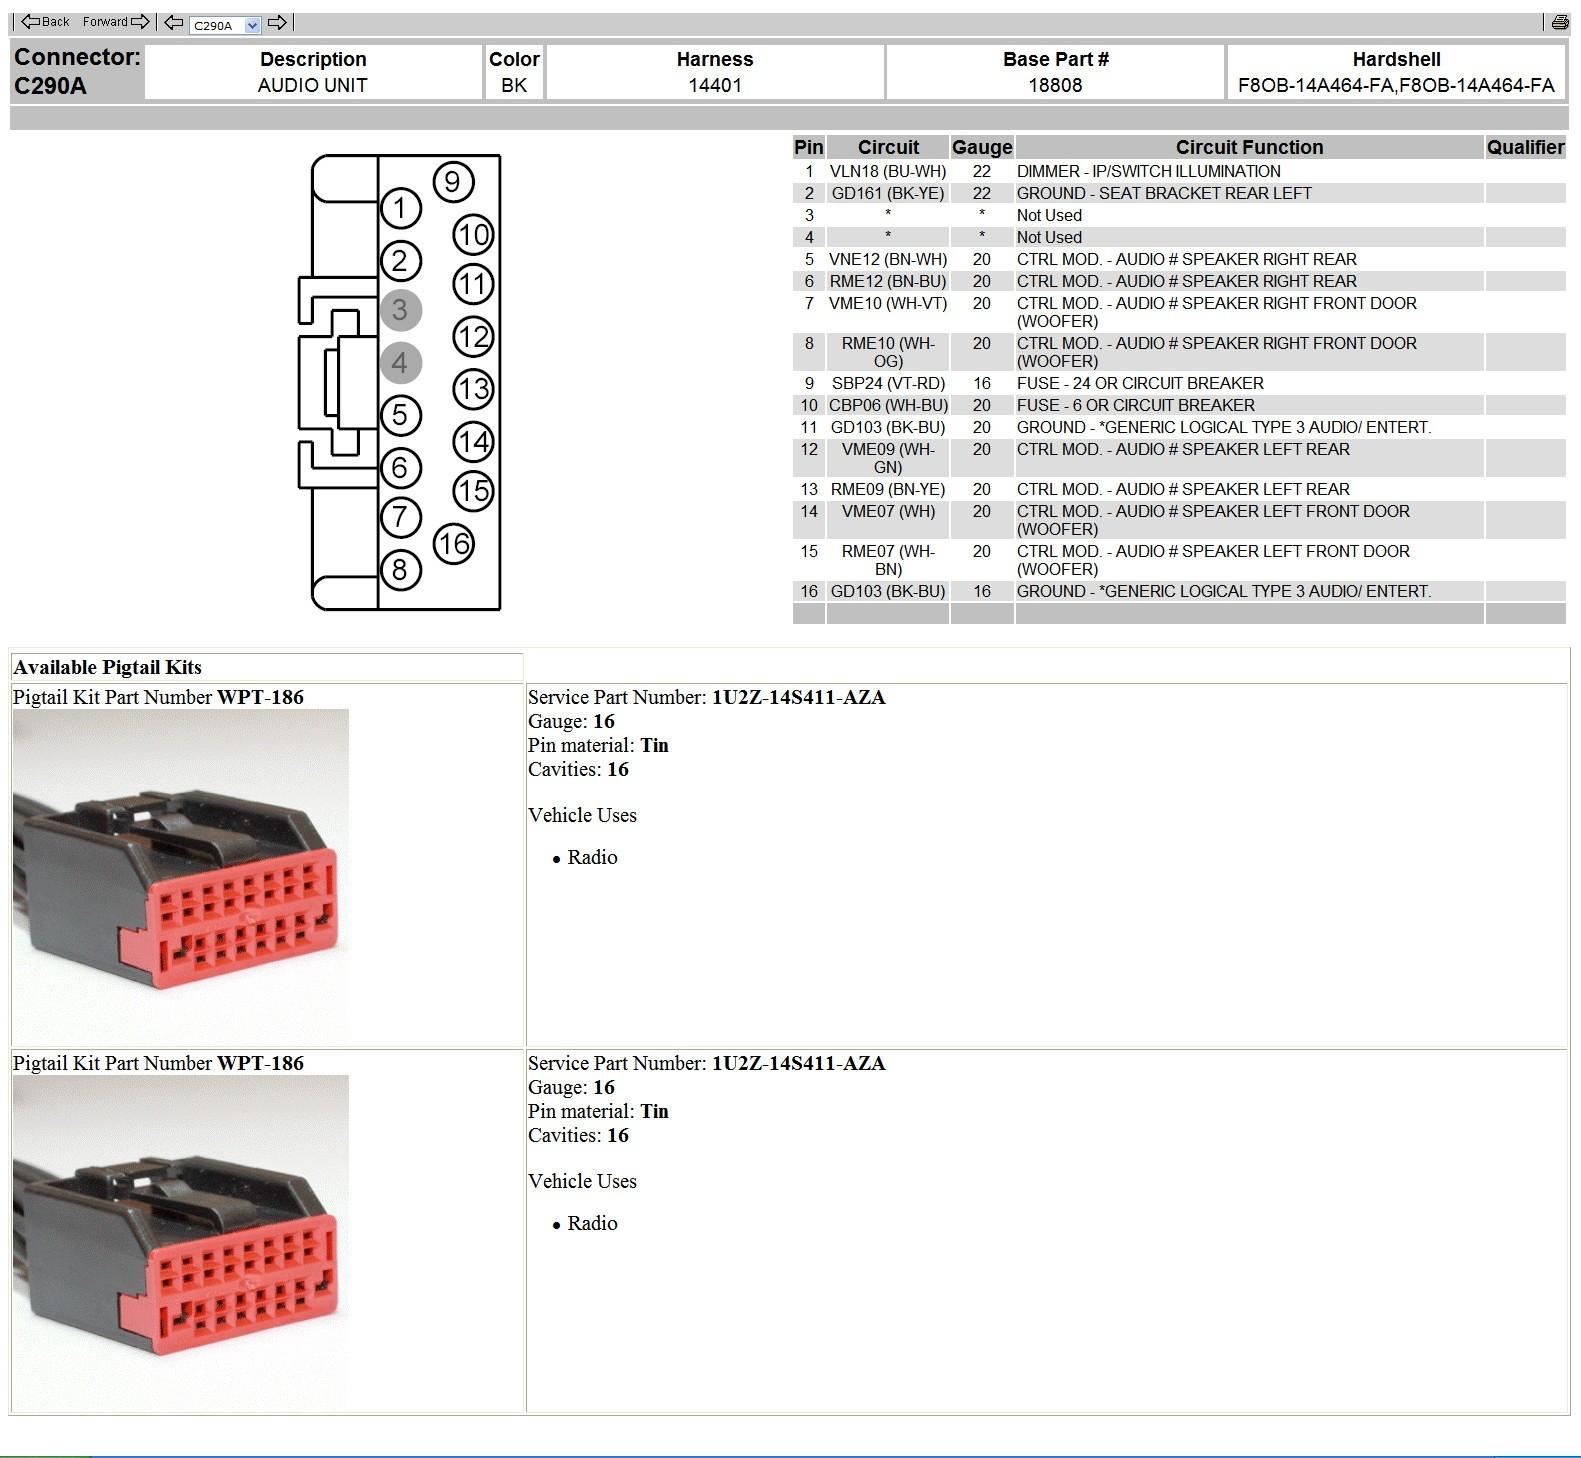 jaguar s type radio wiring diagram 5 circle venn generator 99 ford explorer free